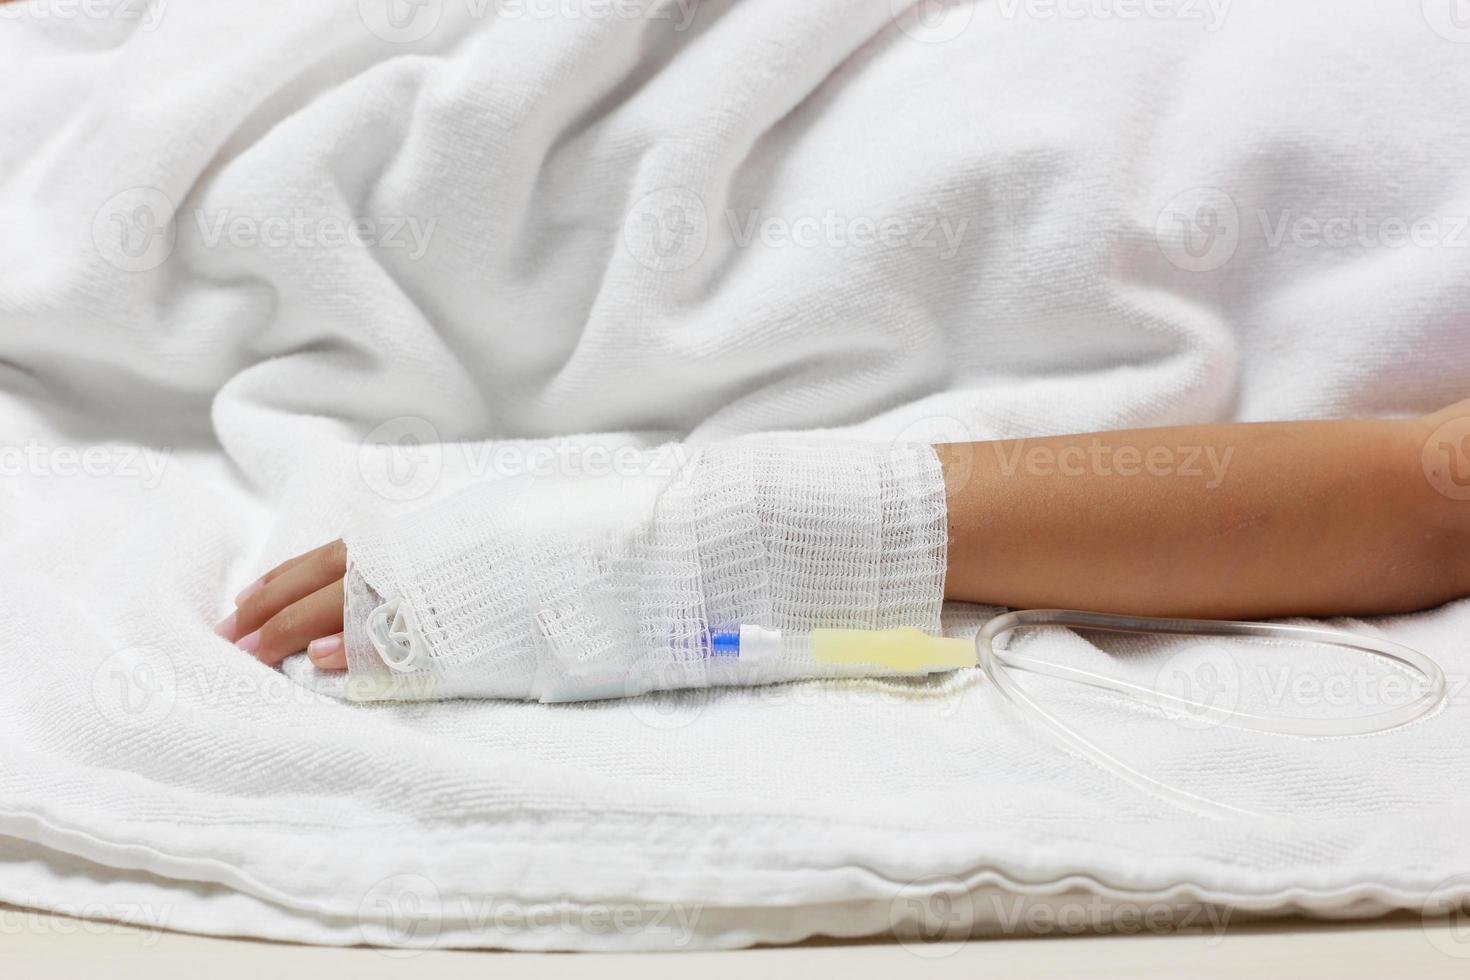 soluzione per via endovenosa in una mano di pazienti foto